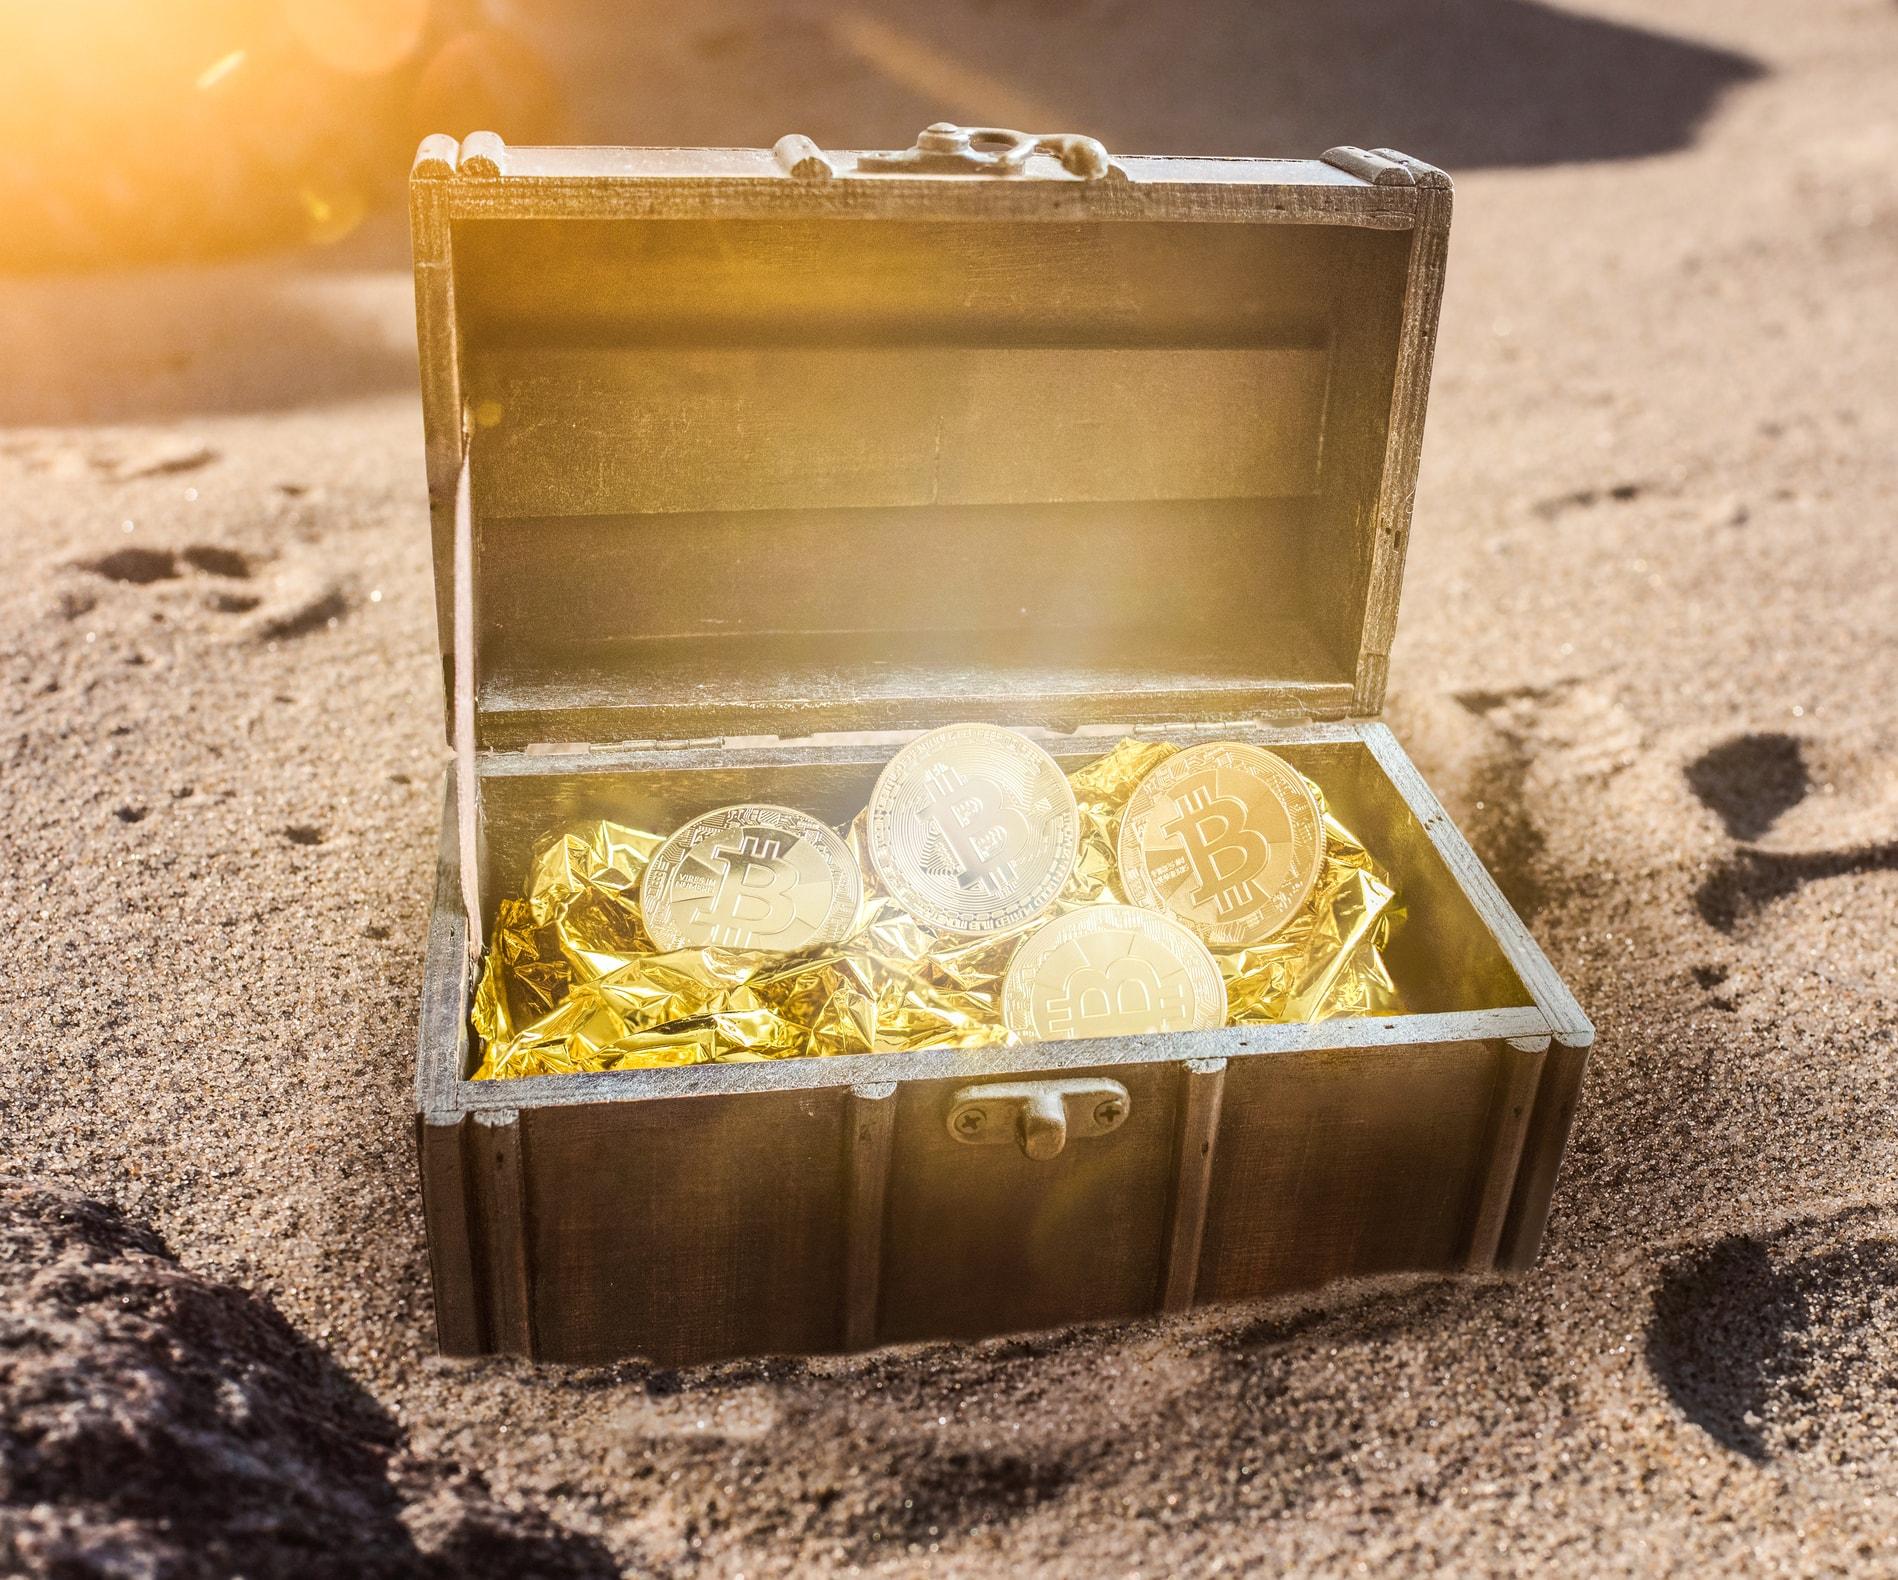 treasure 1 million bitcoin puzzle